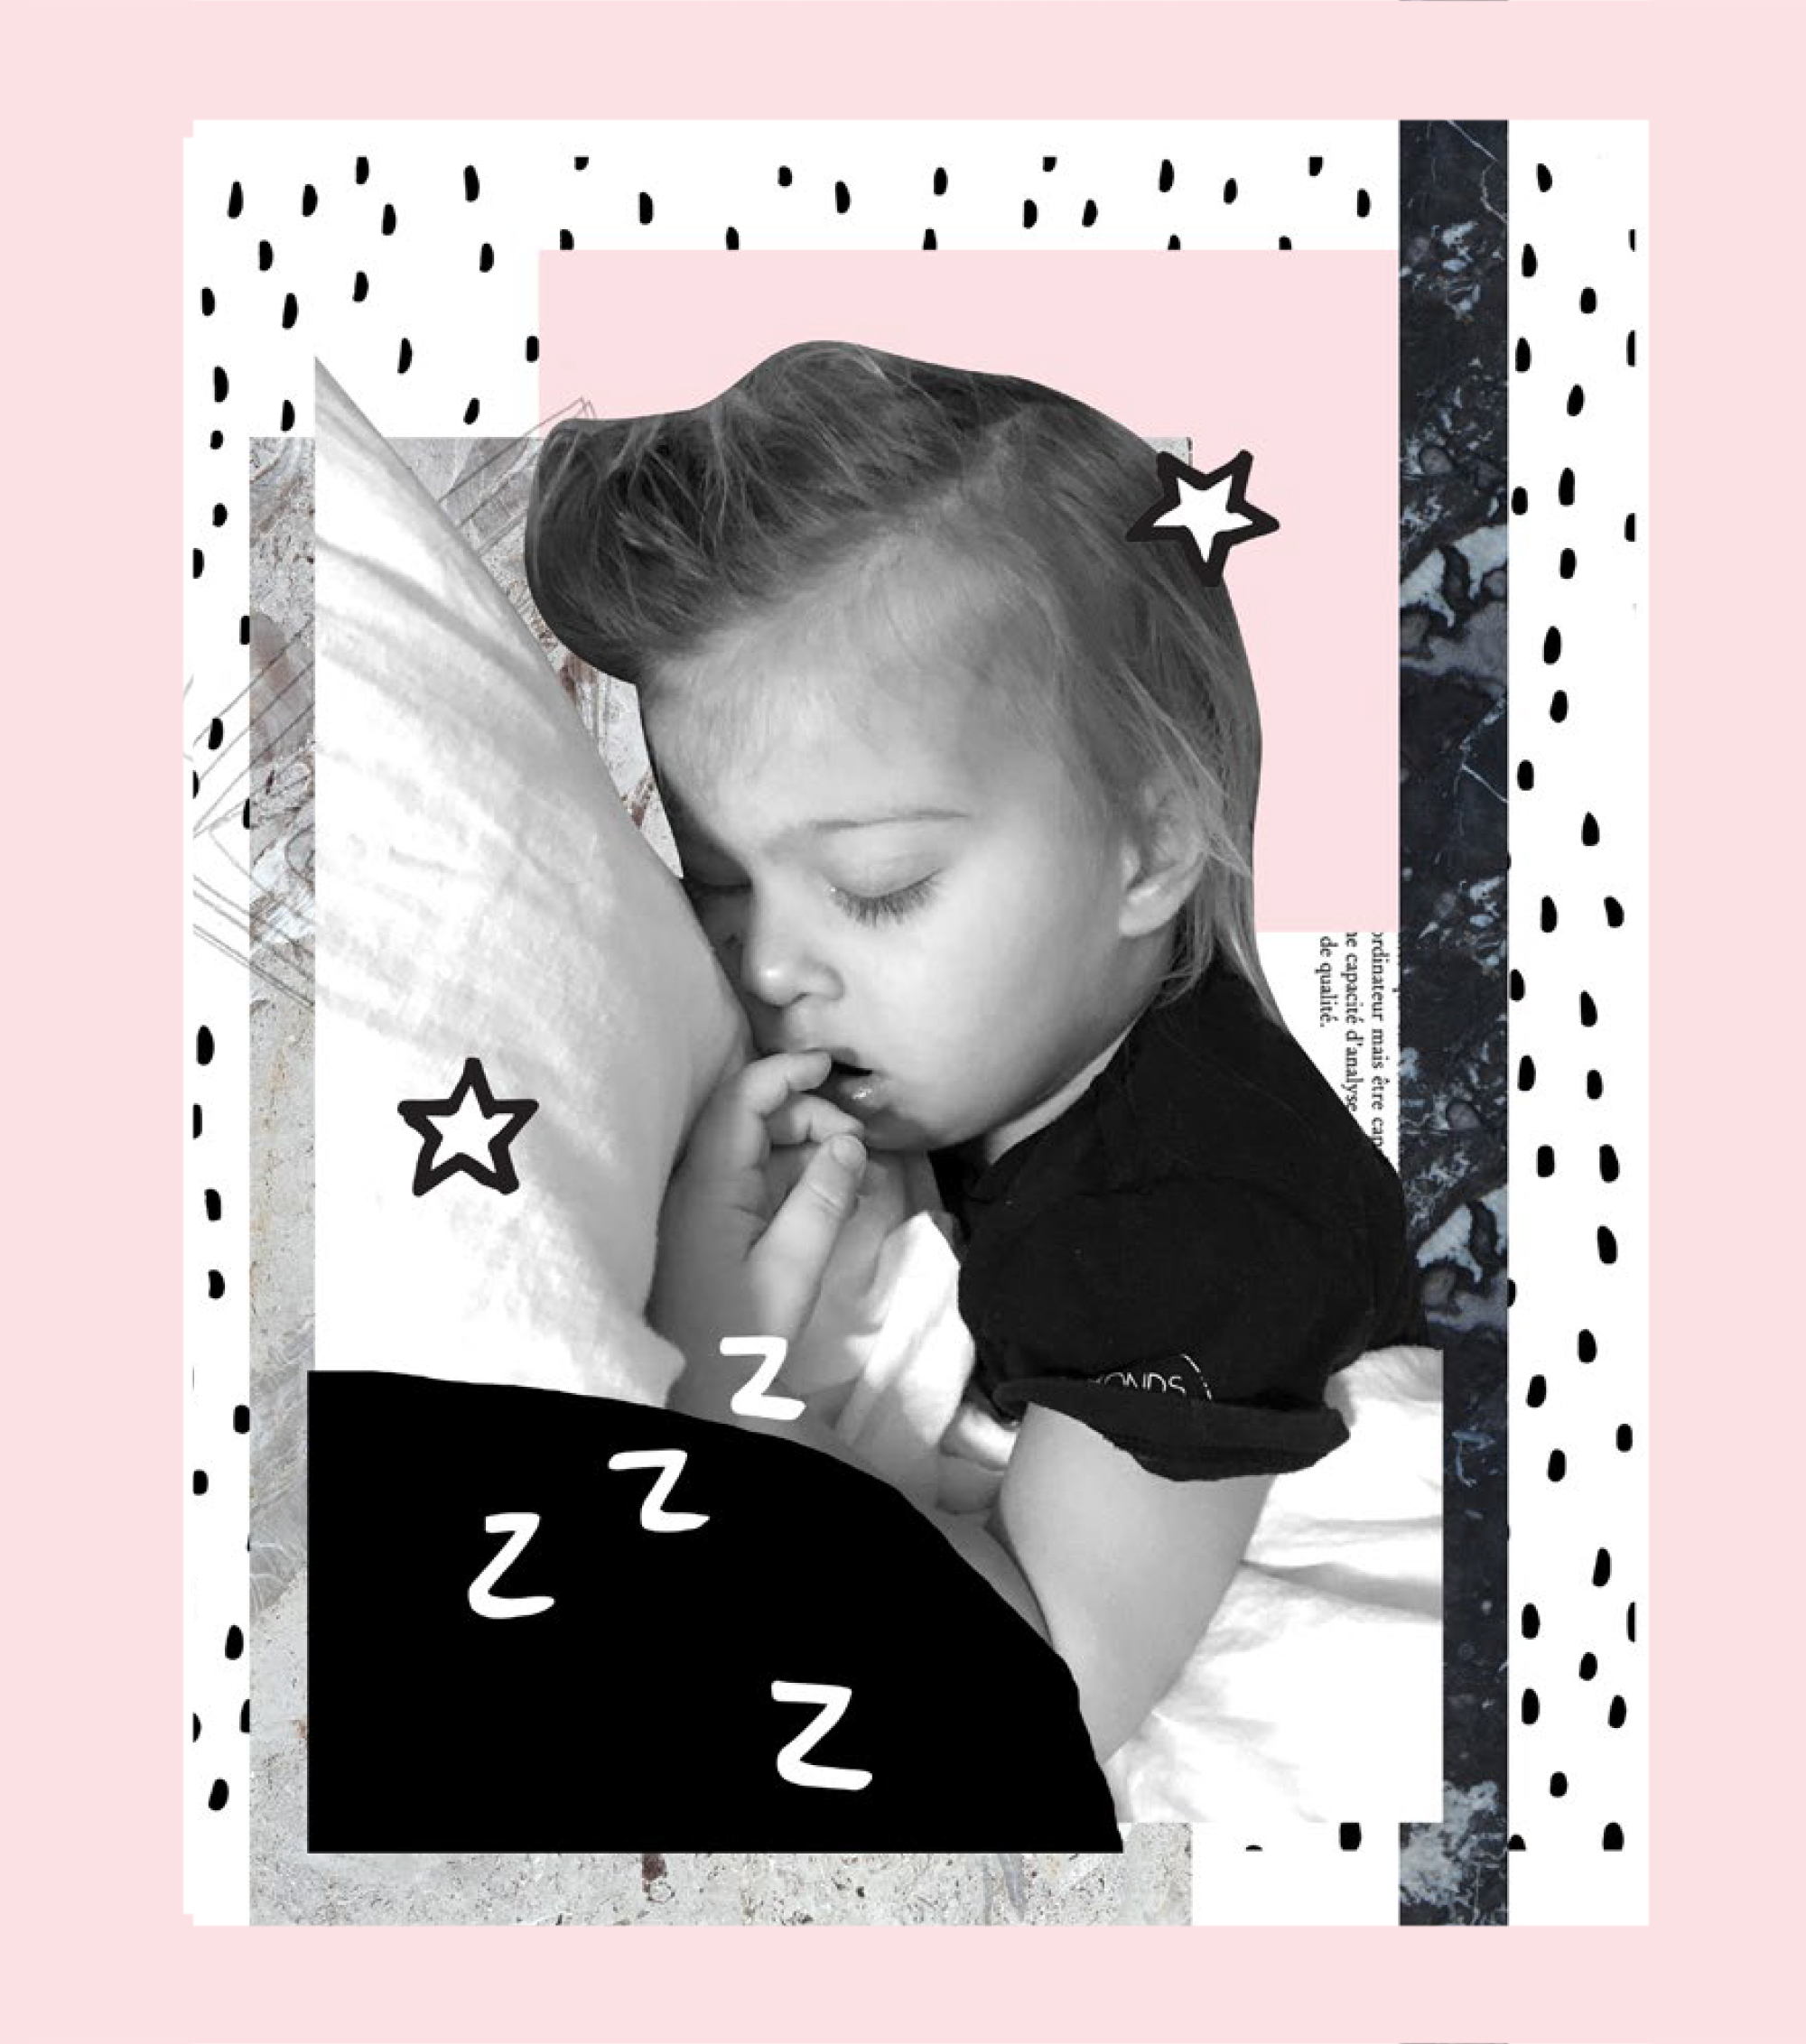 TODDLER LIFE - TODDLER LIFE + SLEEP2 - 4 YEARS